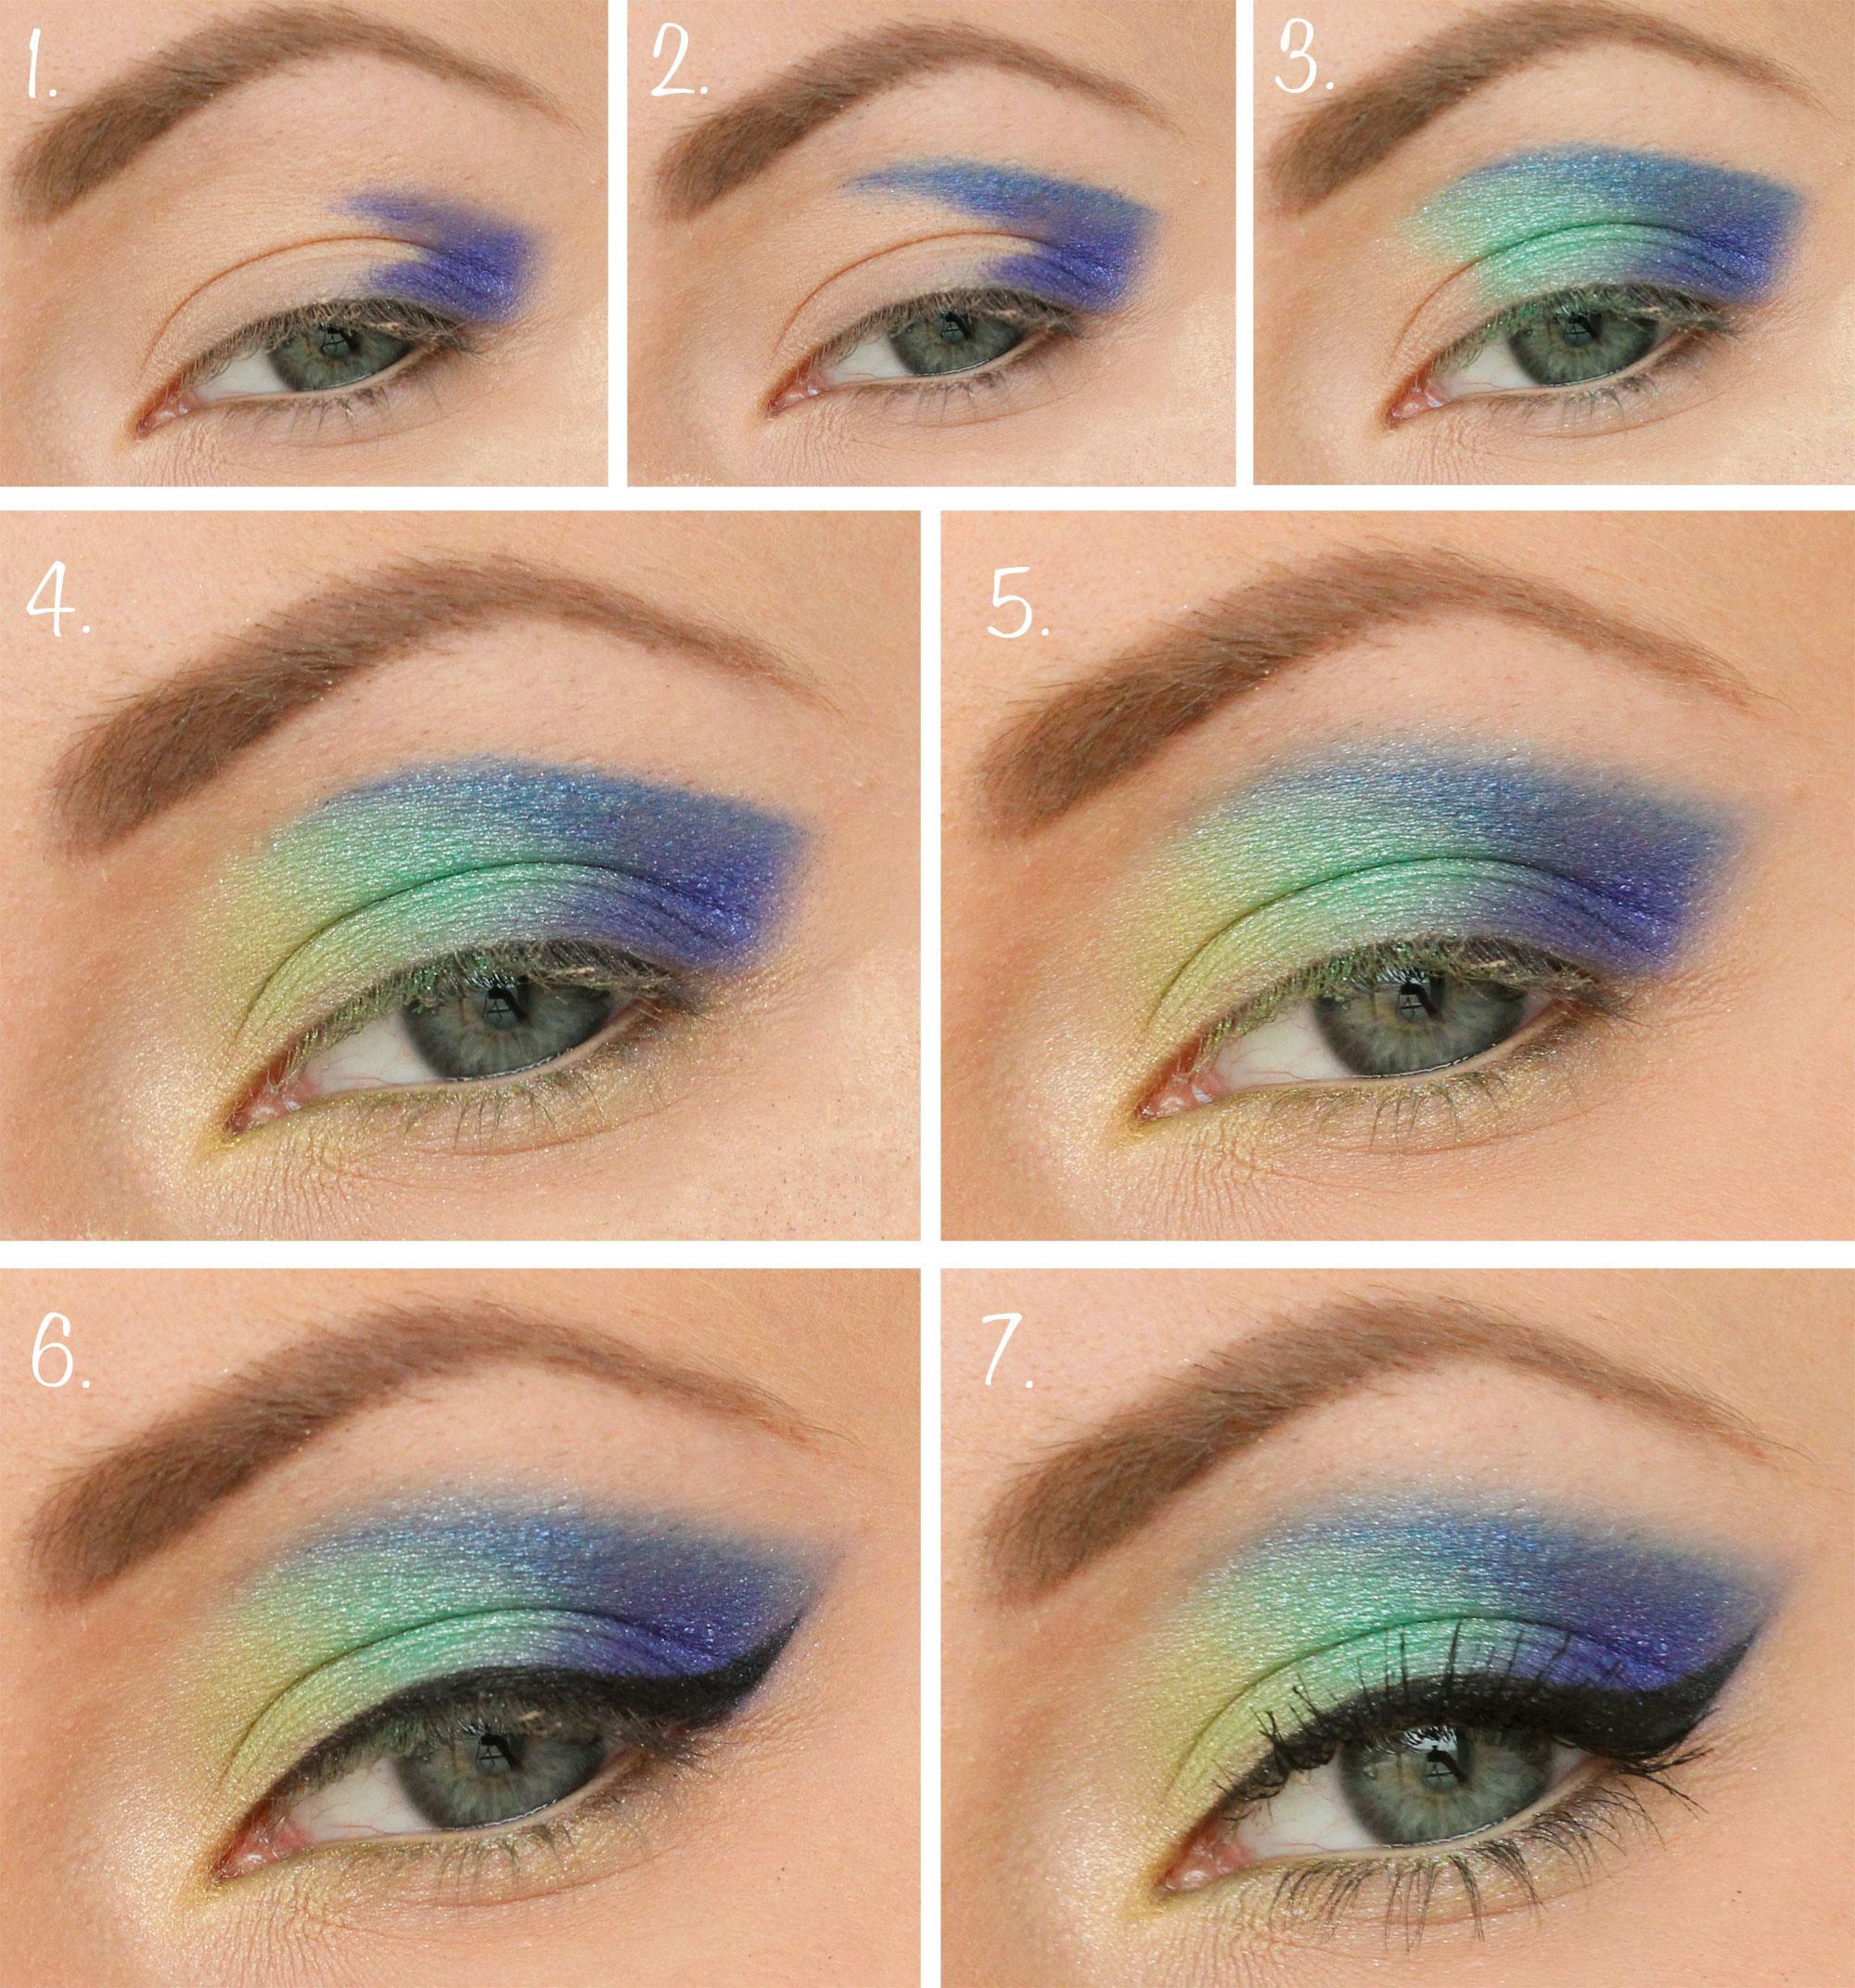 färgglad-sminkning-steg-för-steg_2